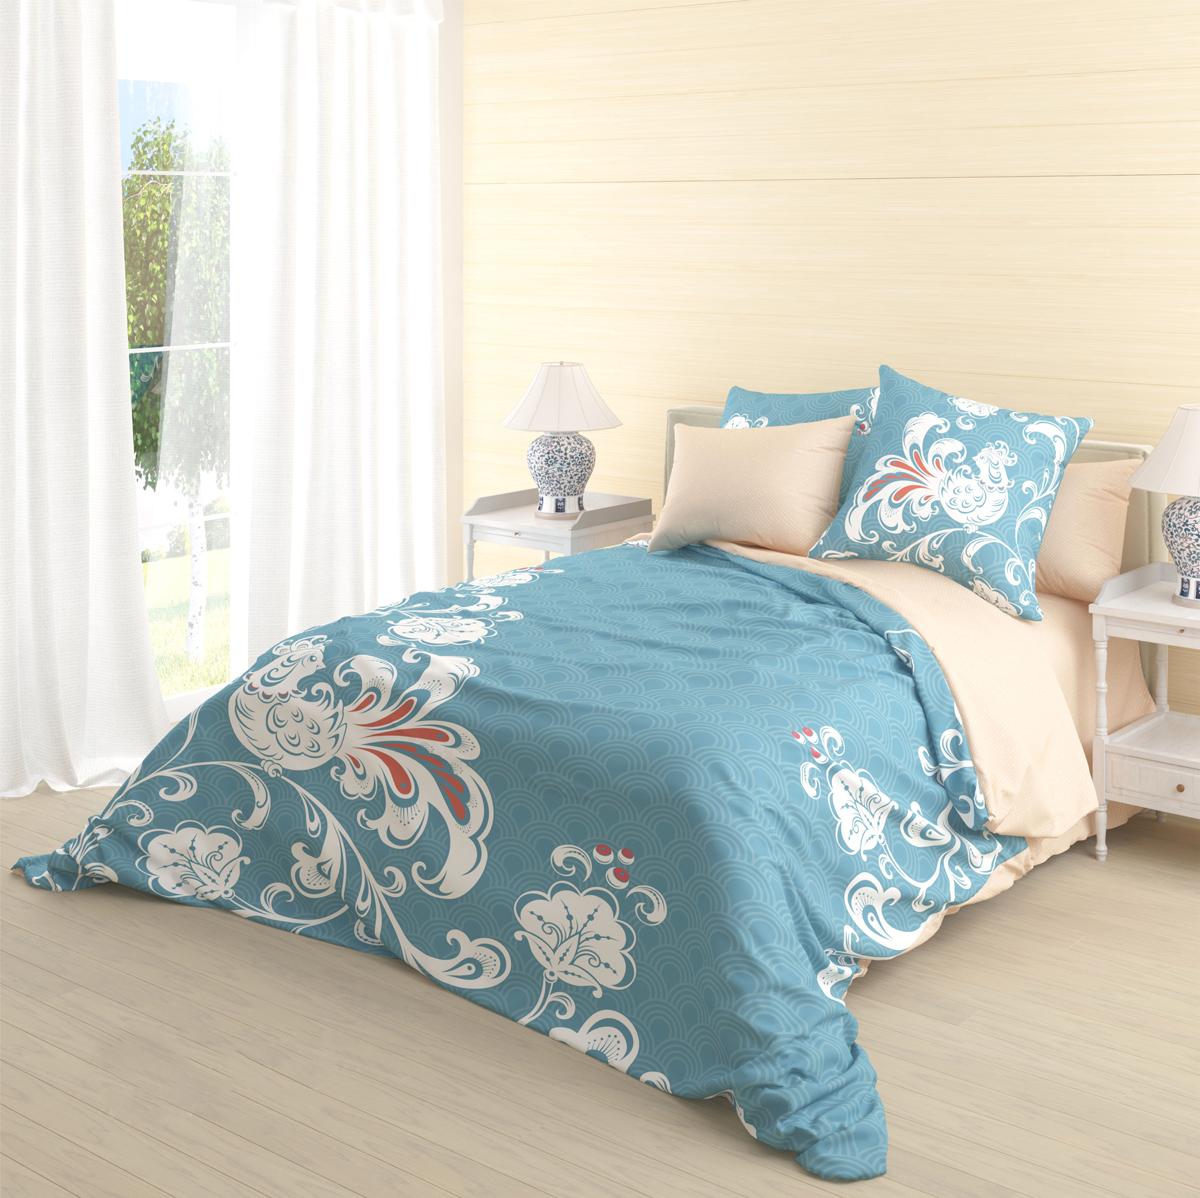 Комплект белья Волшебная ночь Divo, 1,5-спальный, наволочки 50х70 см комплект белья волшебная ночь divo 2 спальный наволочки 70х70 см